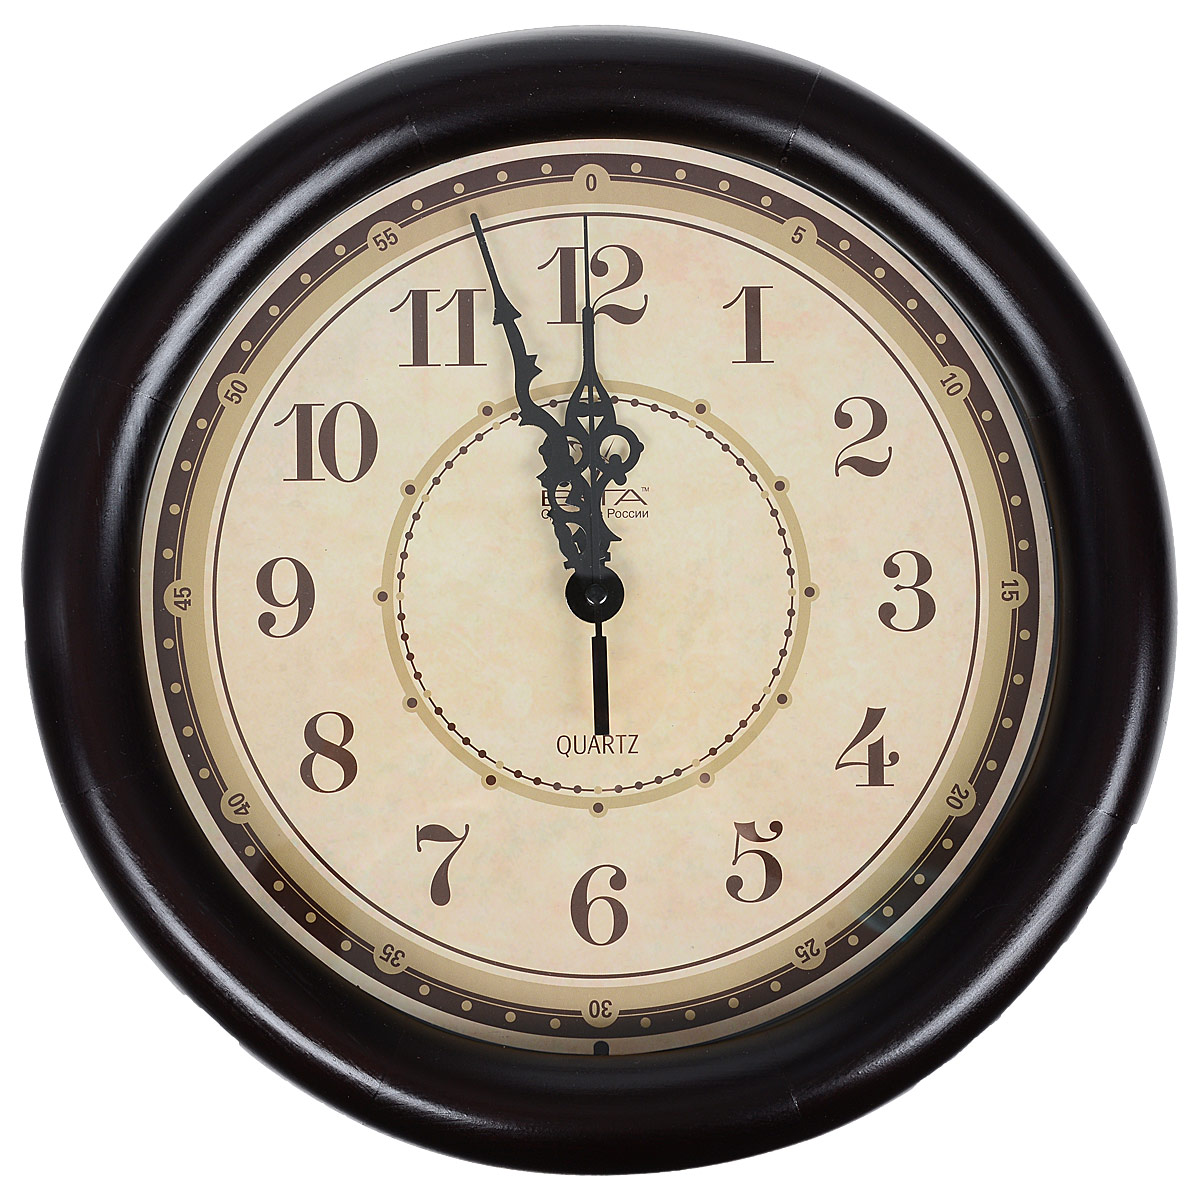 Часы настенные Вега Классика, цвет: темно-коричневый, диаметр 30 смД1МД/6-191Настенные кварцевые часы Вега Классика, изготовленные из дерева, прекрасно впишутся в интерьер вашего дома. Часы имеют три стрелки: часовую, минутную и секундную, циферблат защищен прозрачным стеклом. Часы работают от 1 батарейки типа АА напряжением 1,5 В (не входит в комплект).Диаметр часов: 30 см.